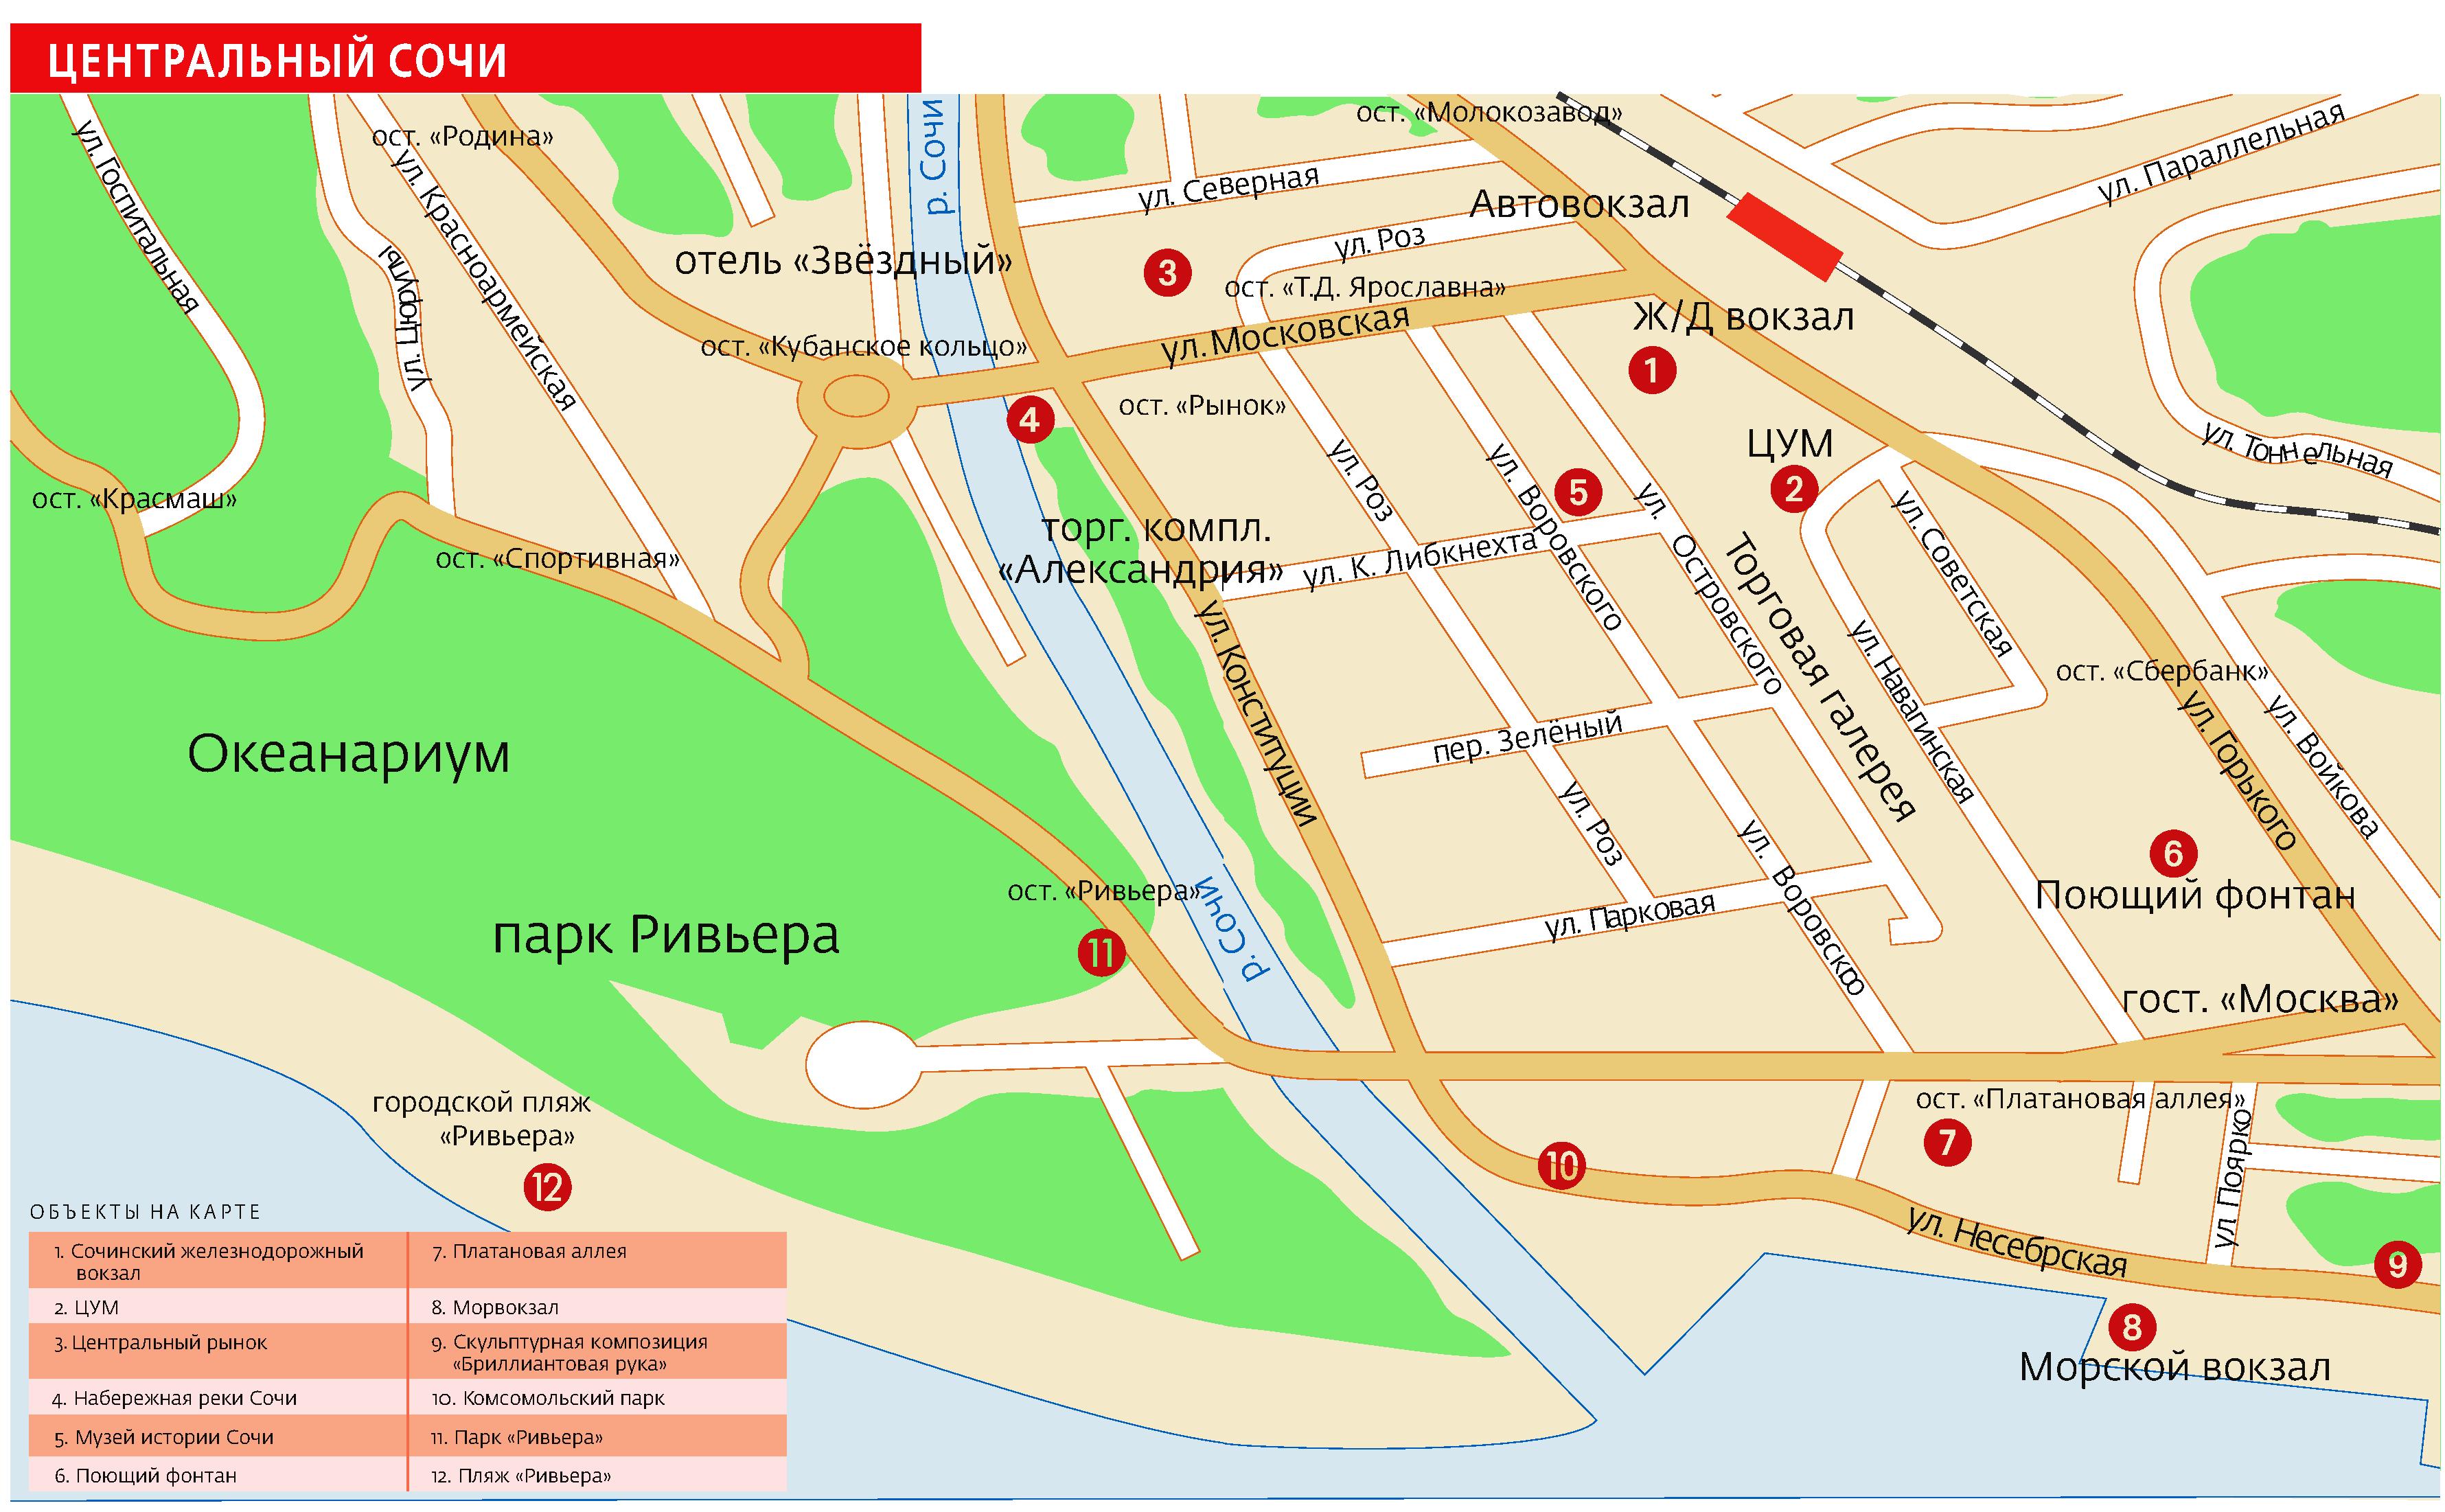 Схема Сочи с маршрутами для пеших прогулок